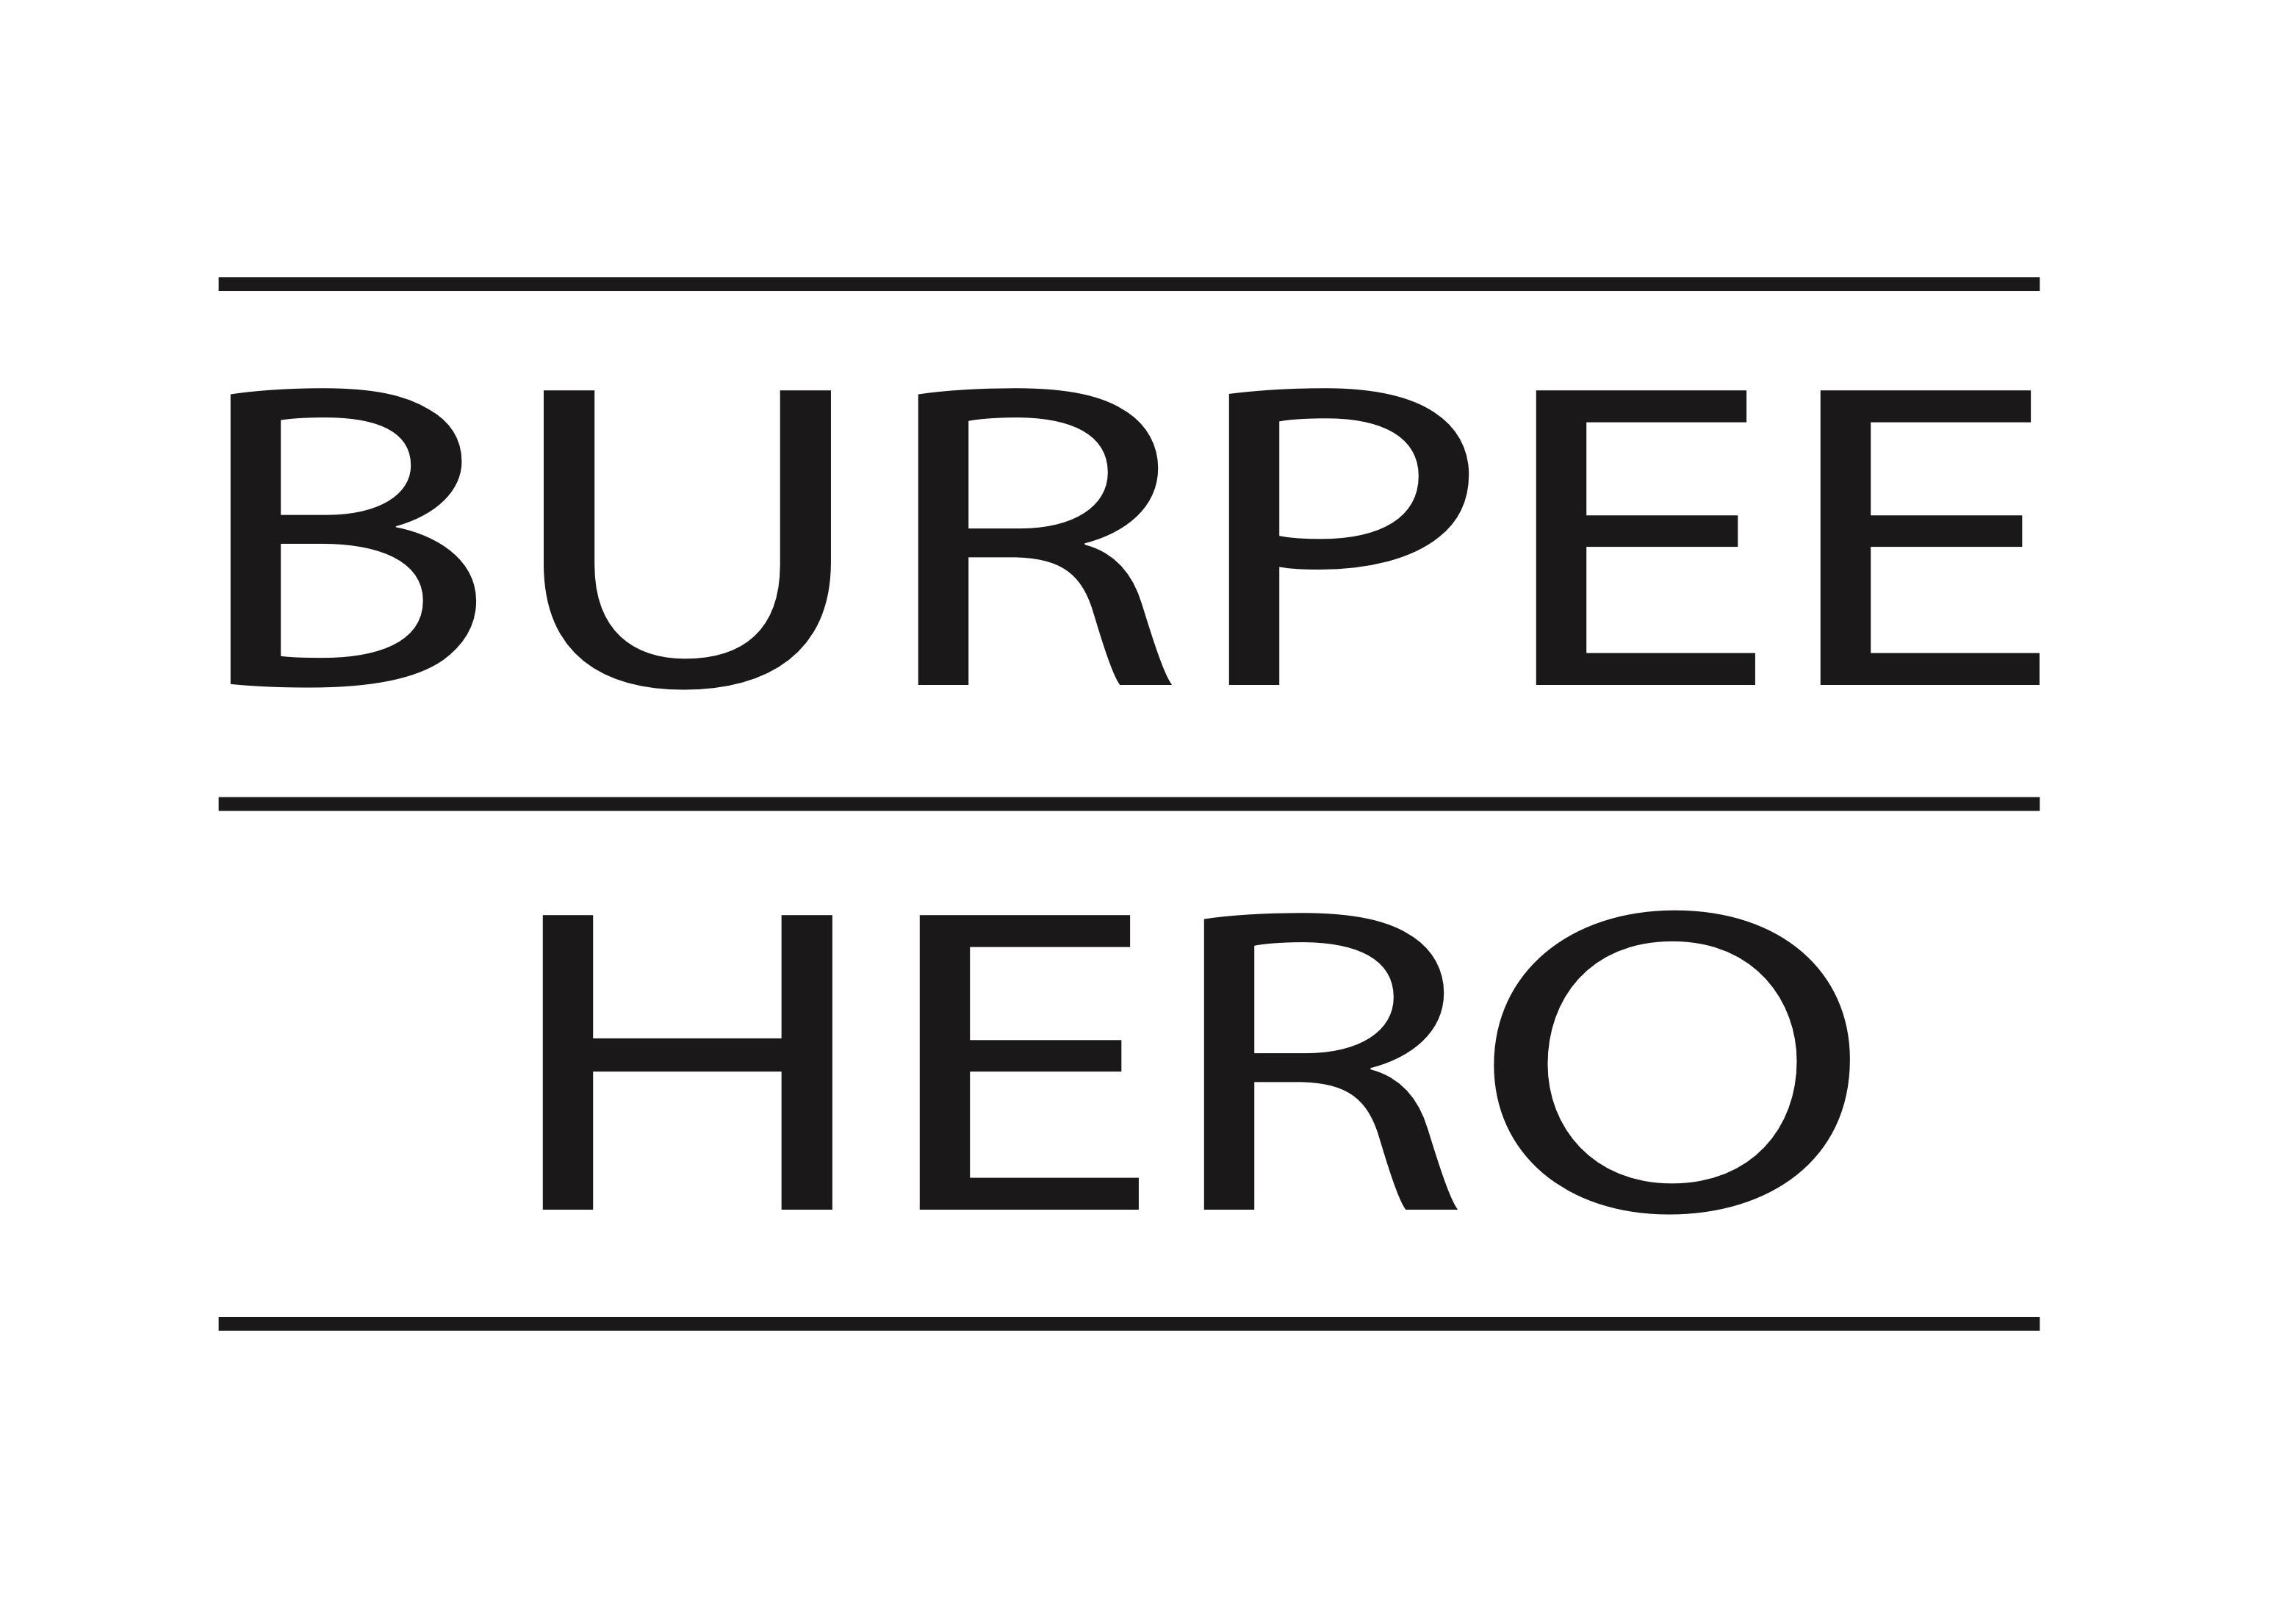 BURPEE HERO